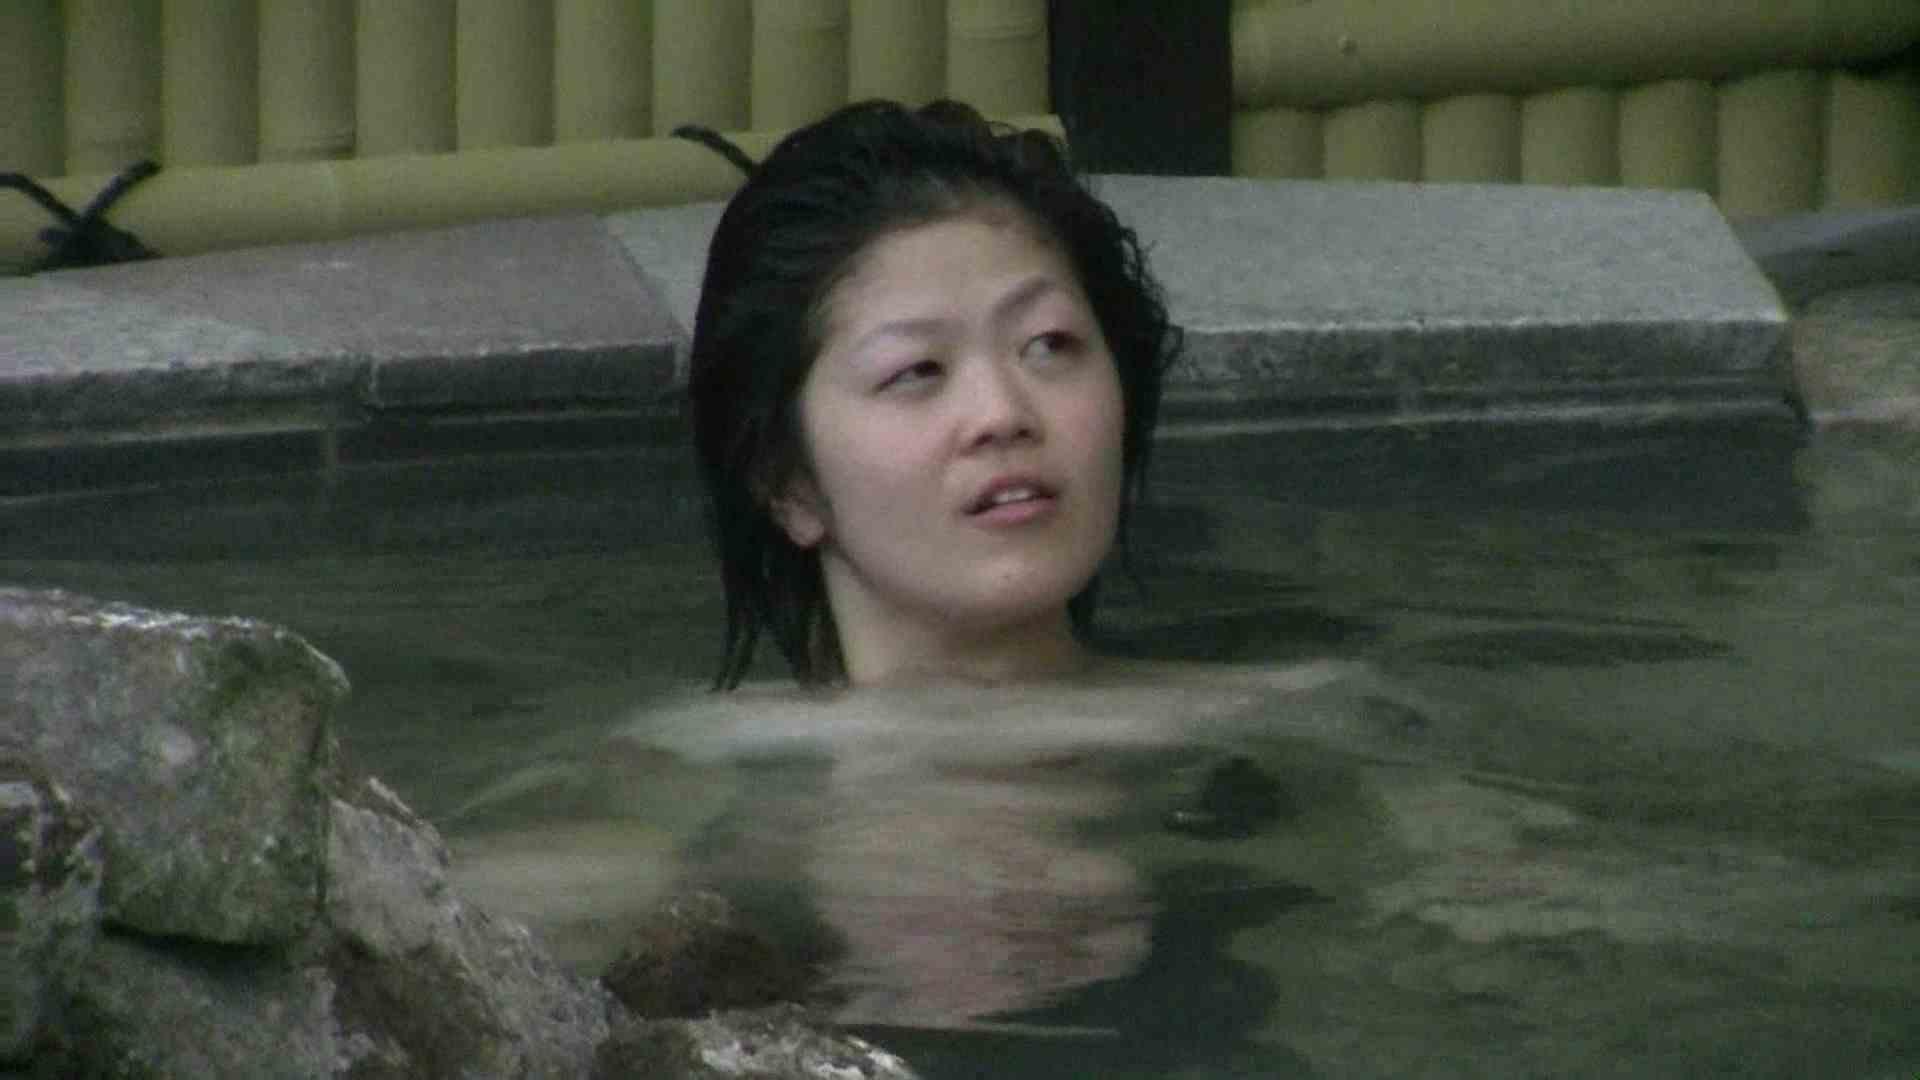 Aquaな露天風呂Vol.538 OLのエロ生活   盗撮  90連発 4